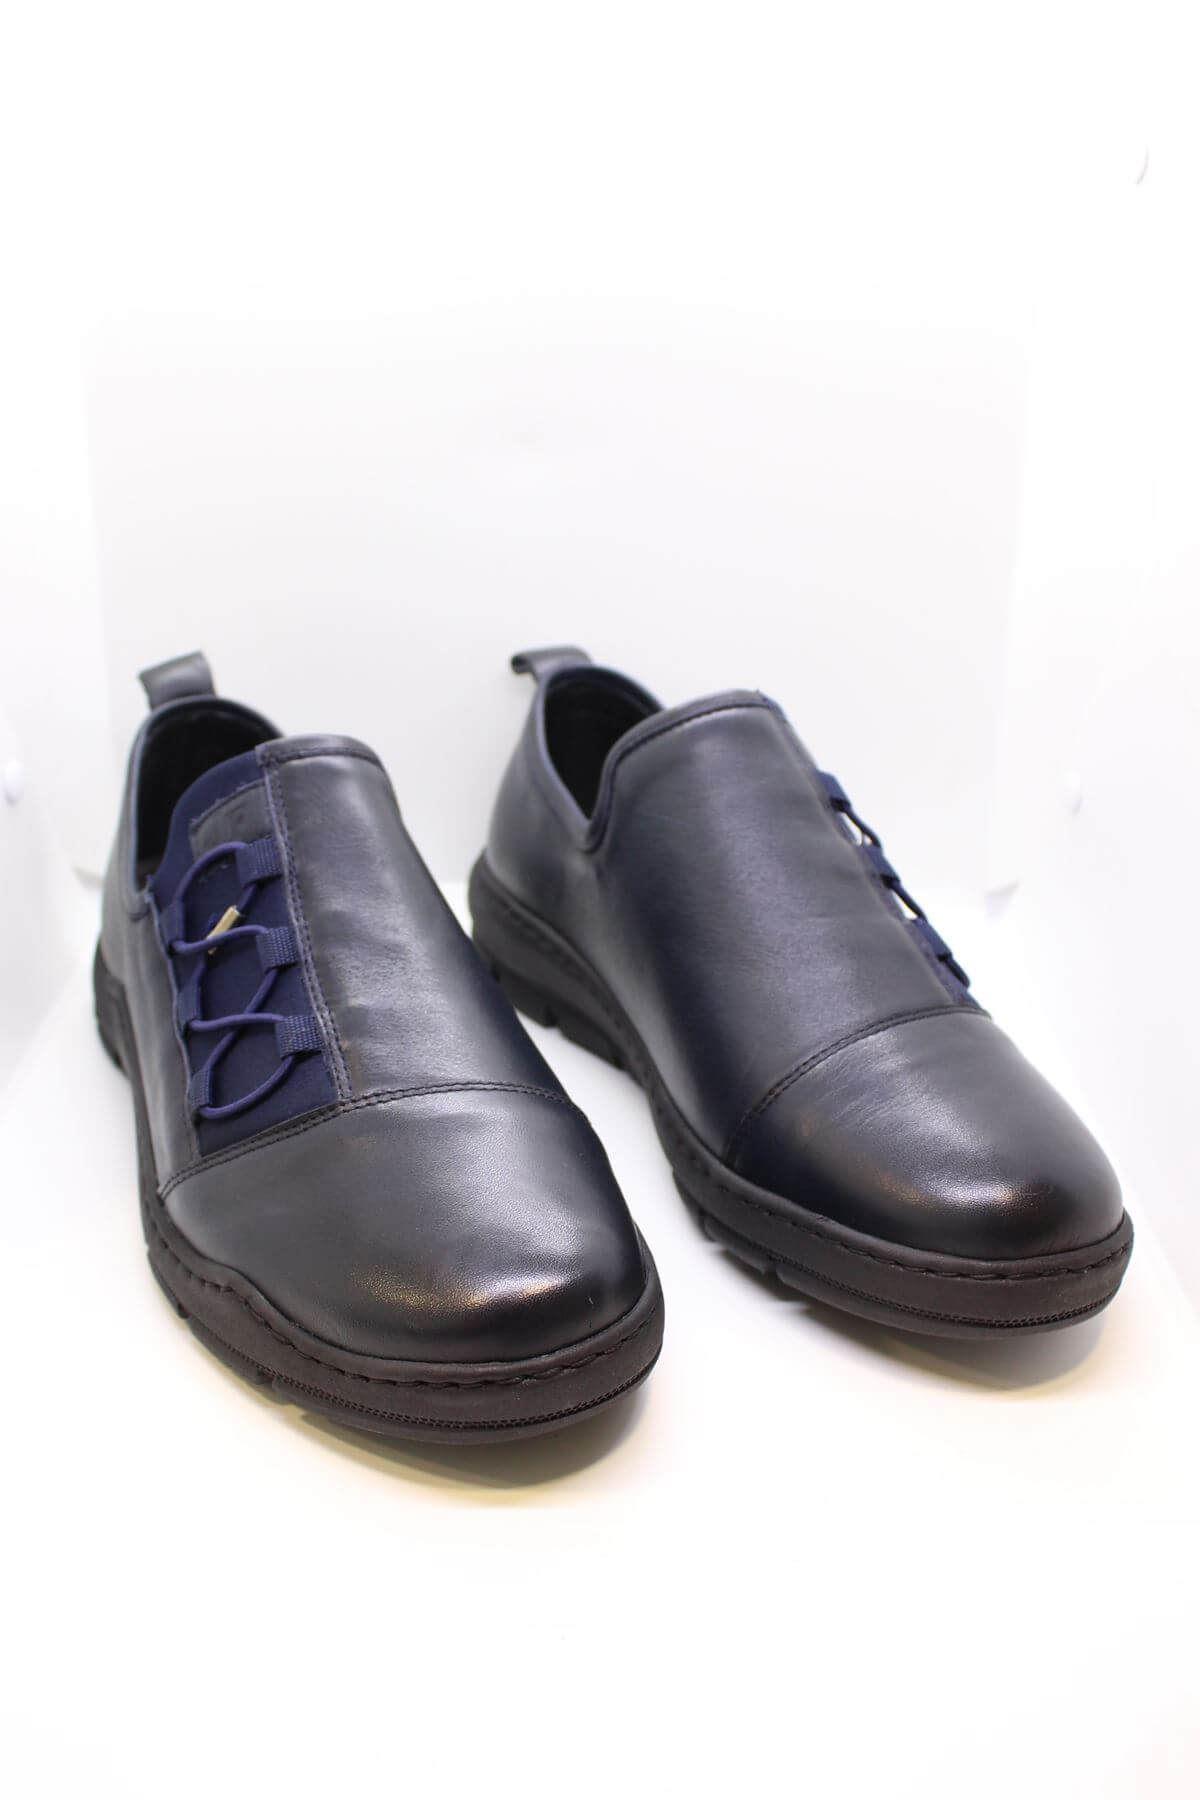 James Franco 5027 Lacivert Streç Hakiki Deri Casual Ayakkabı